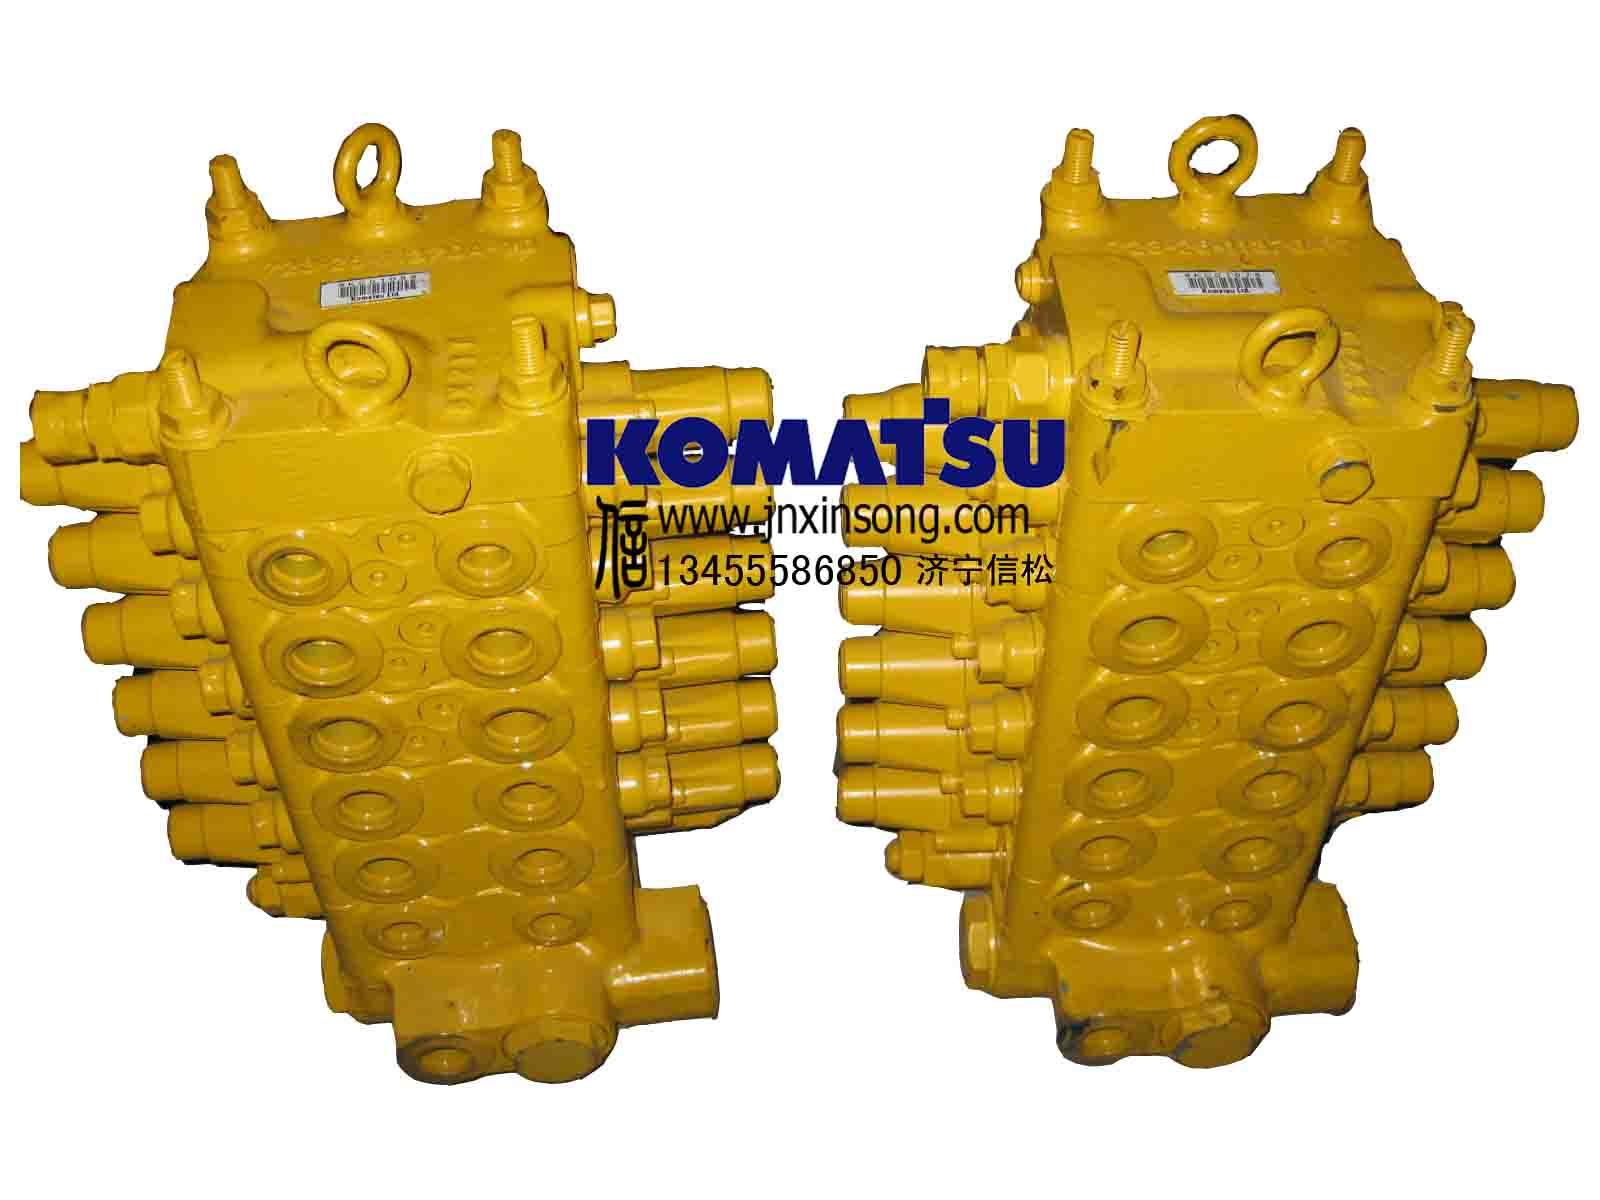 小松挖掘机配件与维修生产供应小松挖掘机分配阀多路 (1600x1200)